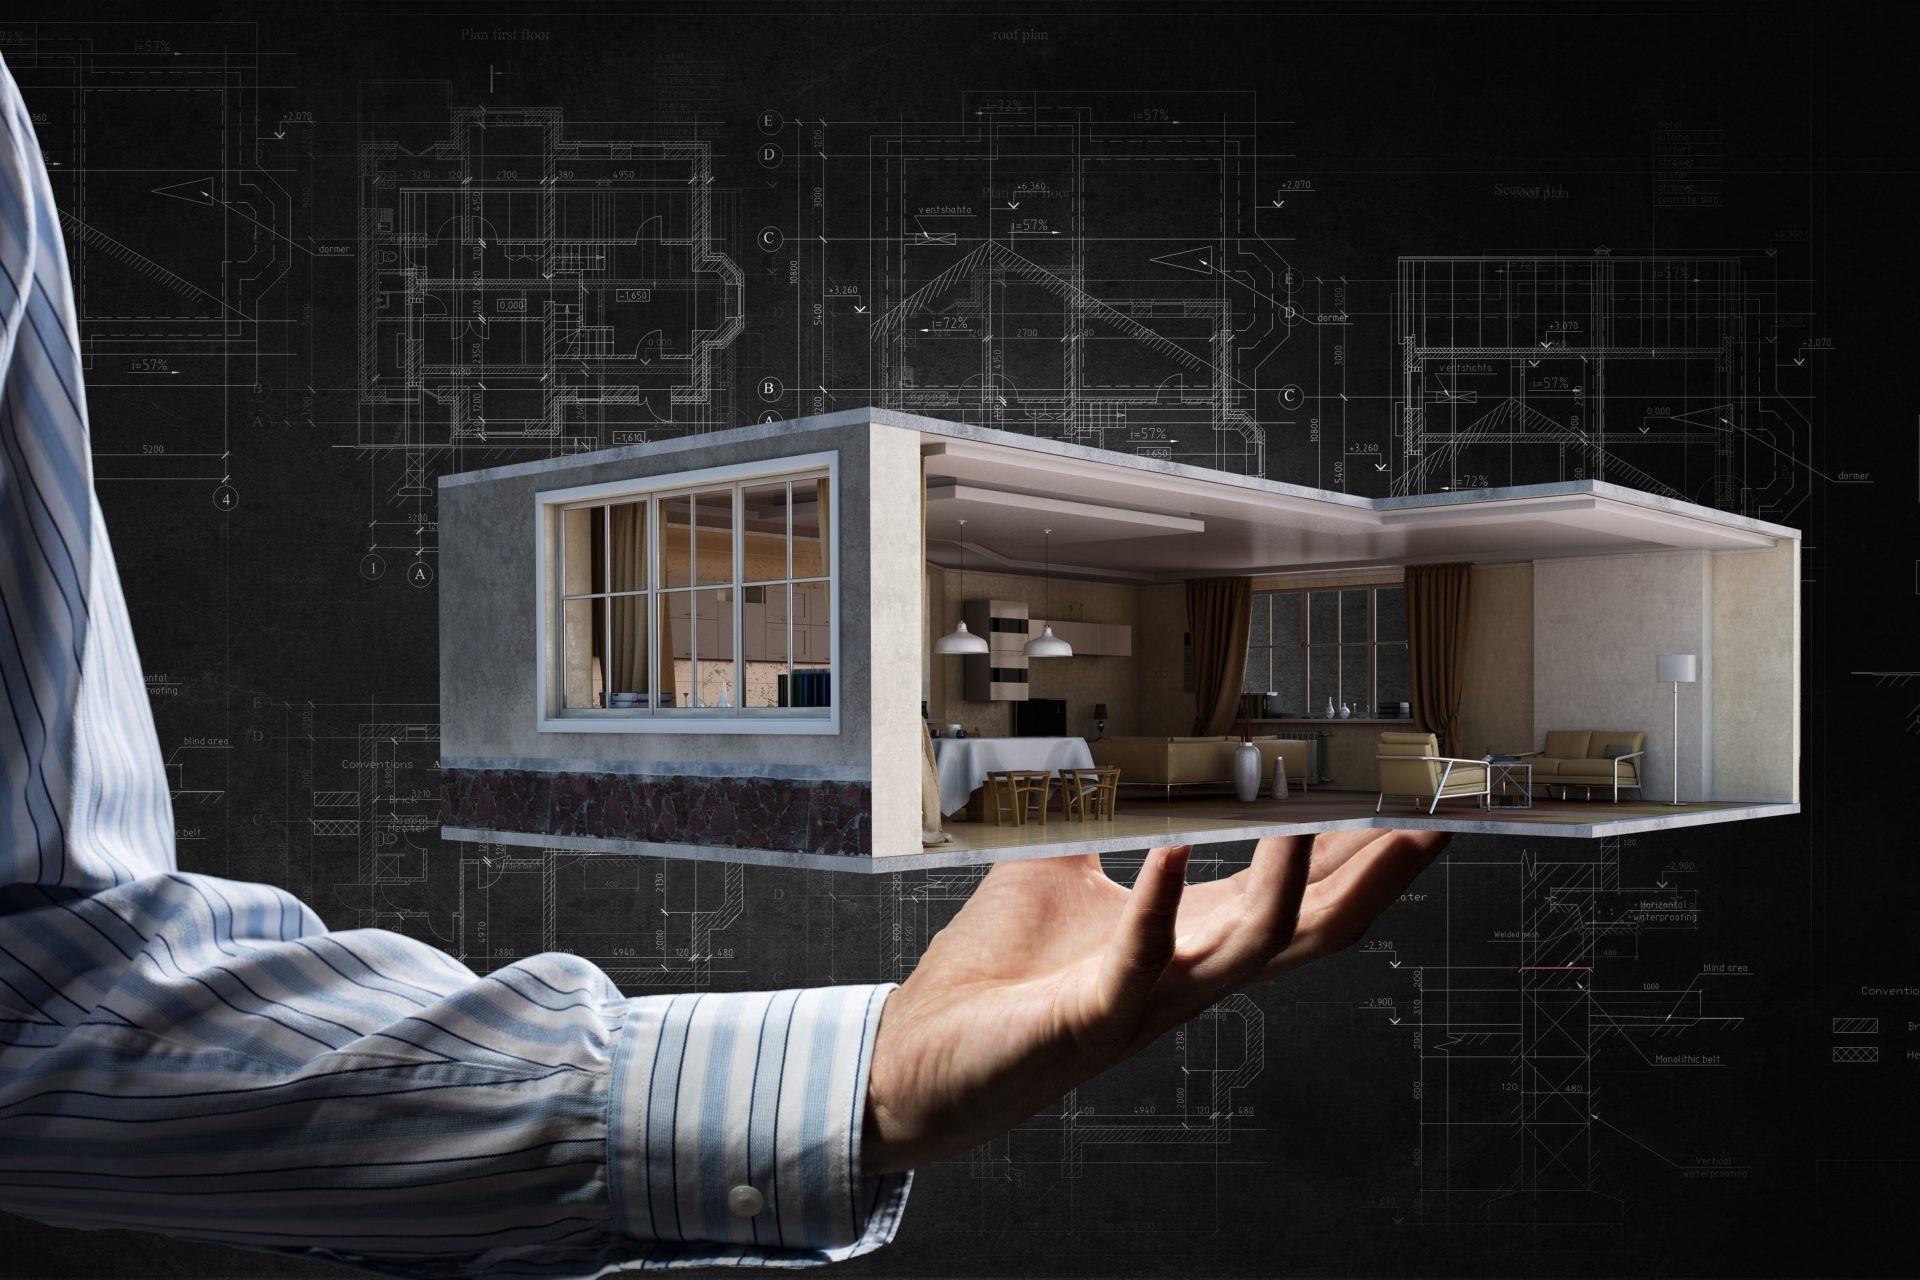 Qué es mejor: ¿comprar o construir una casa?